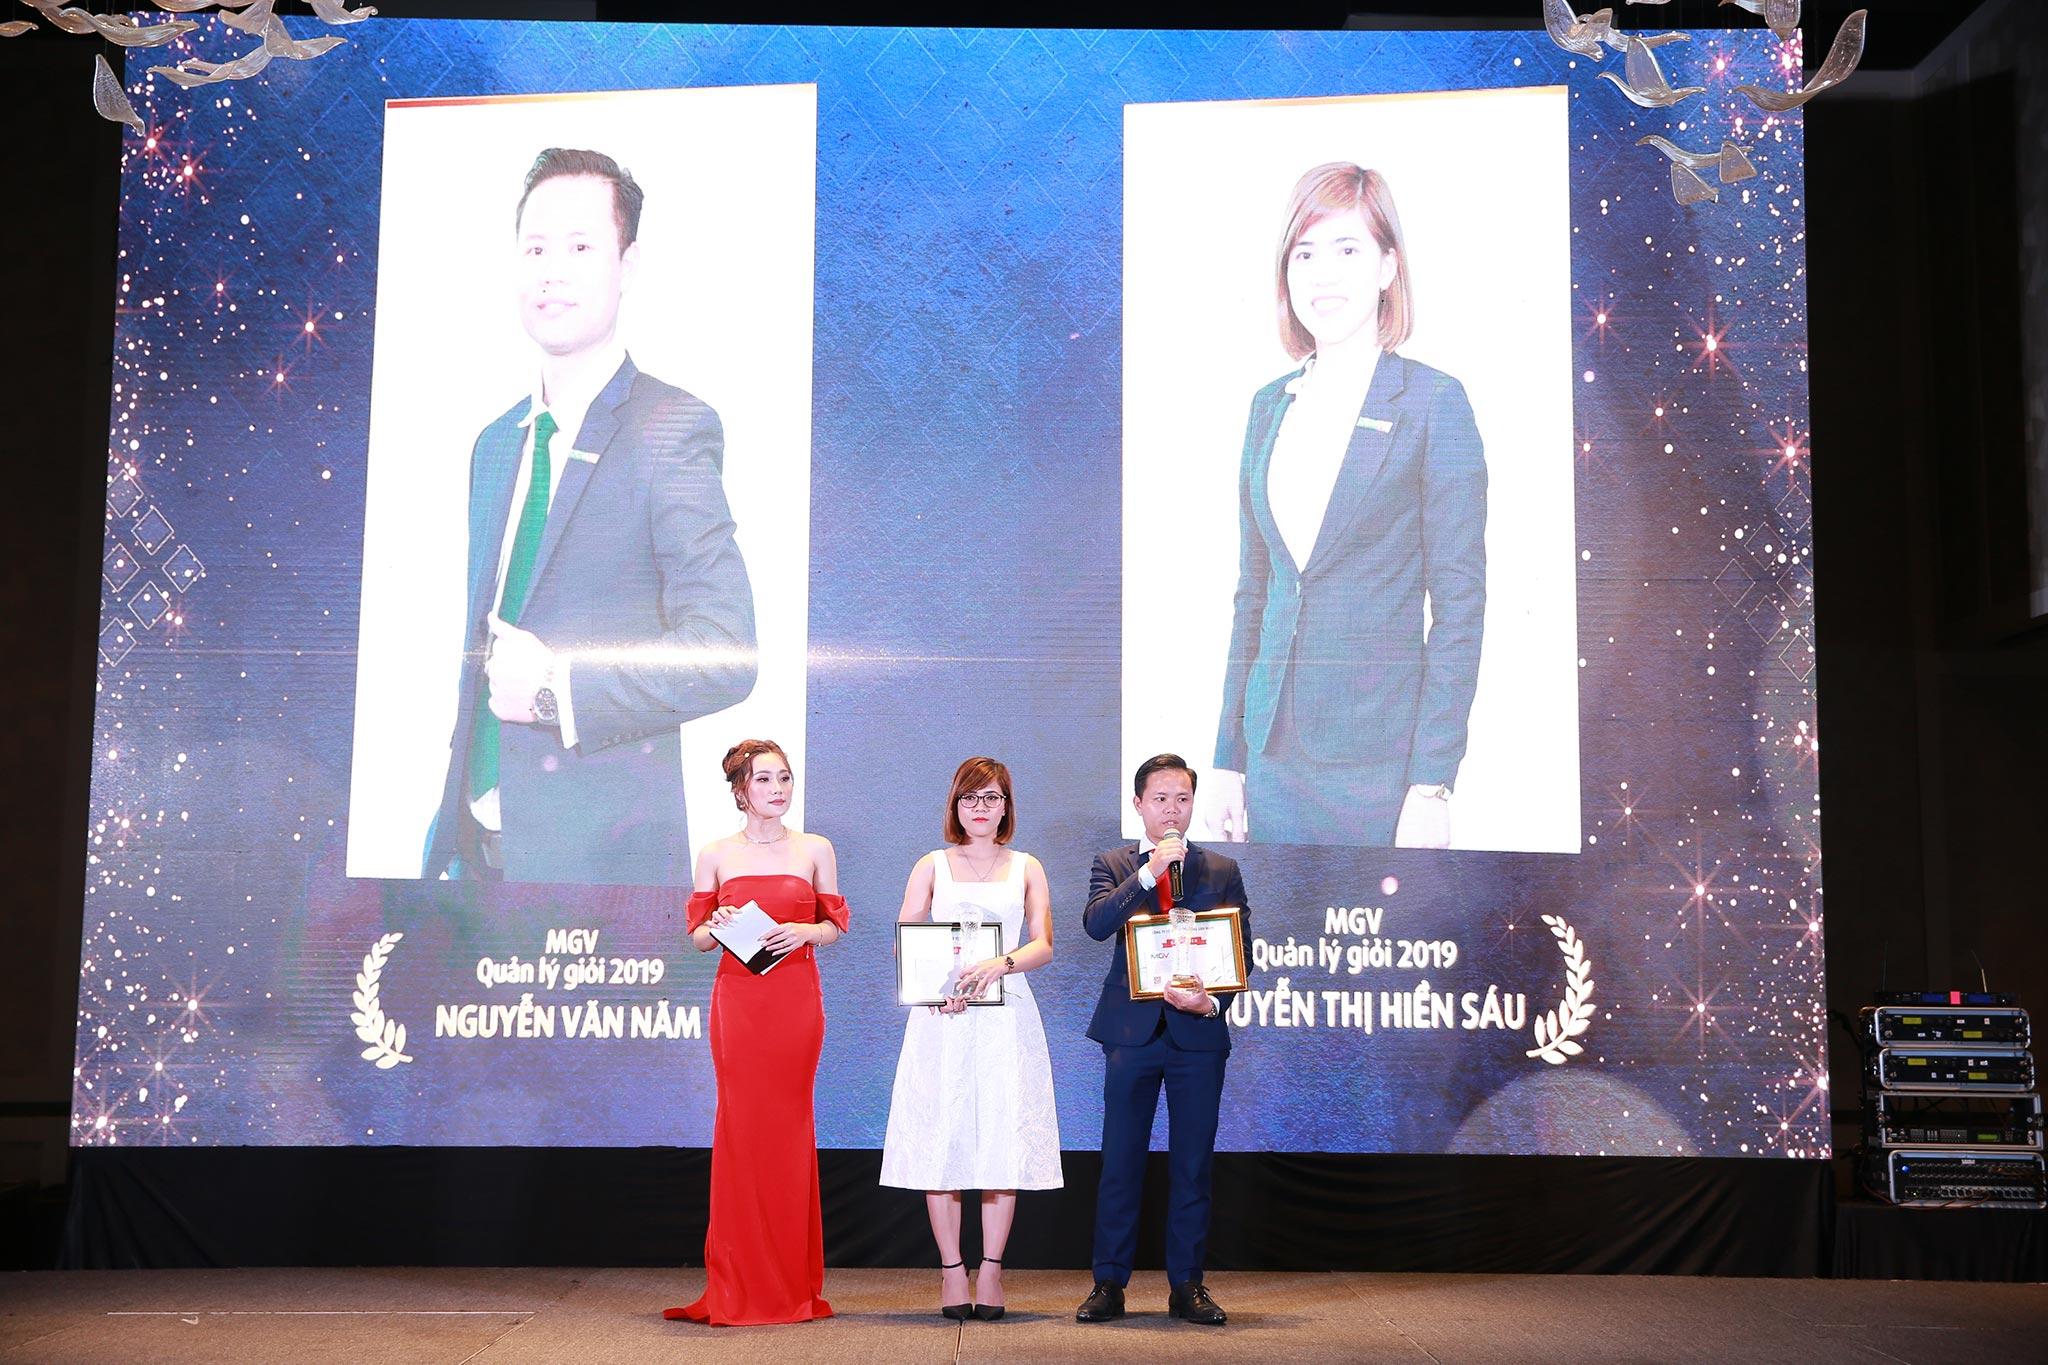 Quản lý giỏi năm 2019 - Nguyễn Văn Năm và Nguyễn Thị Hiền Sáu